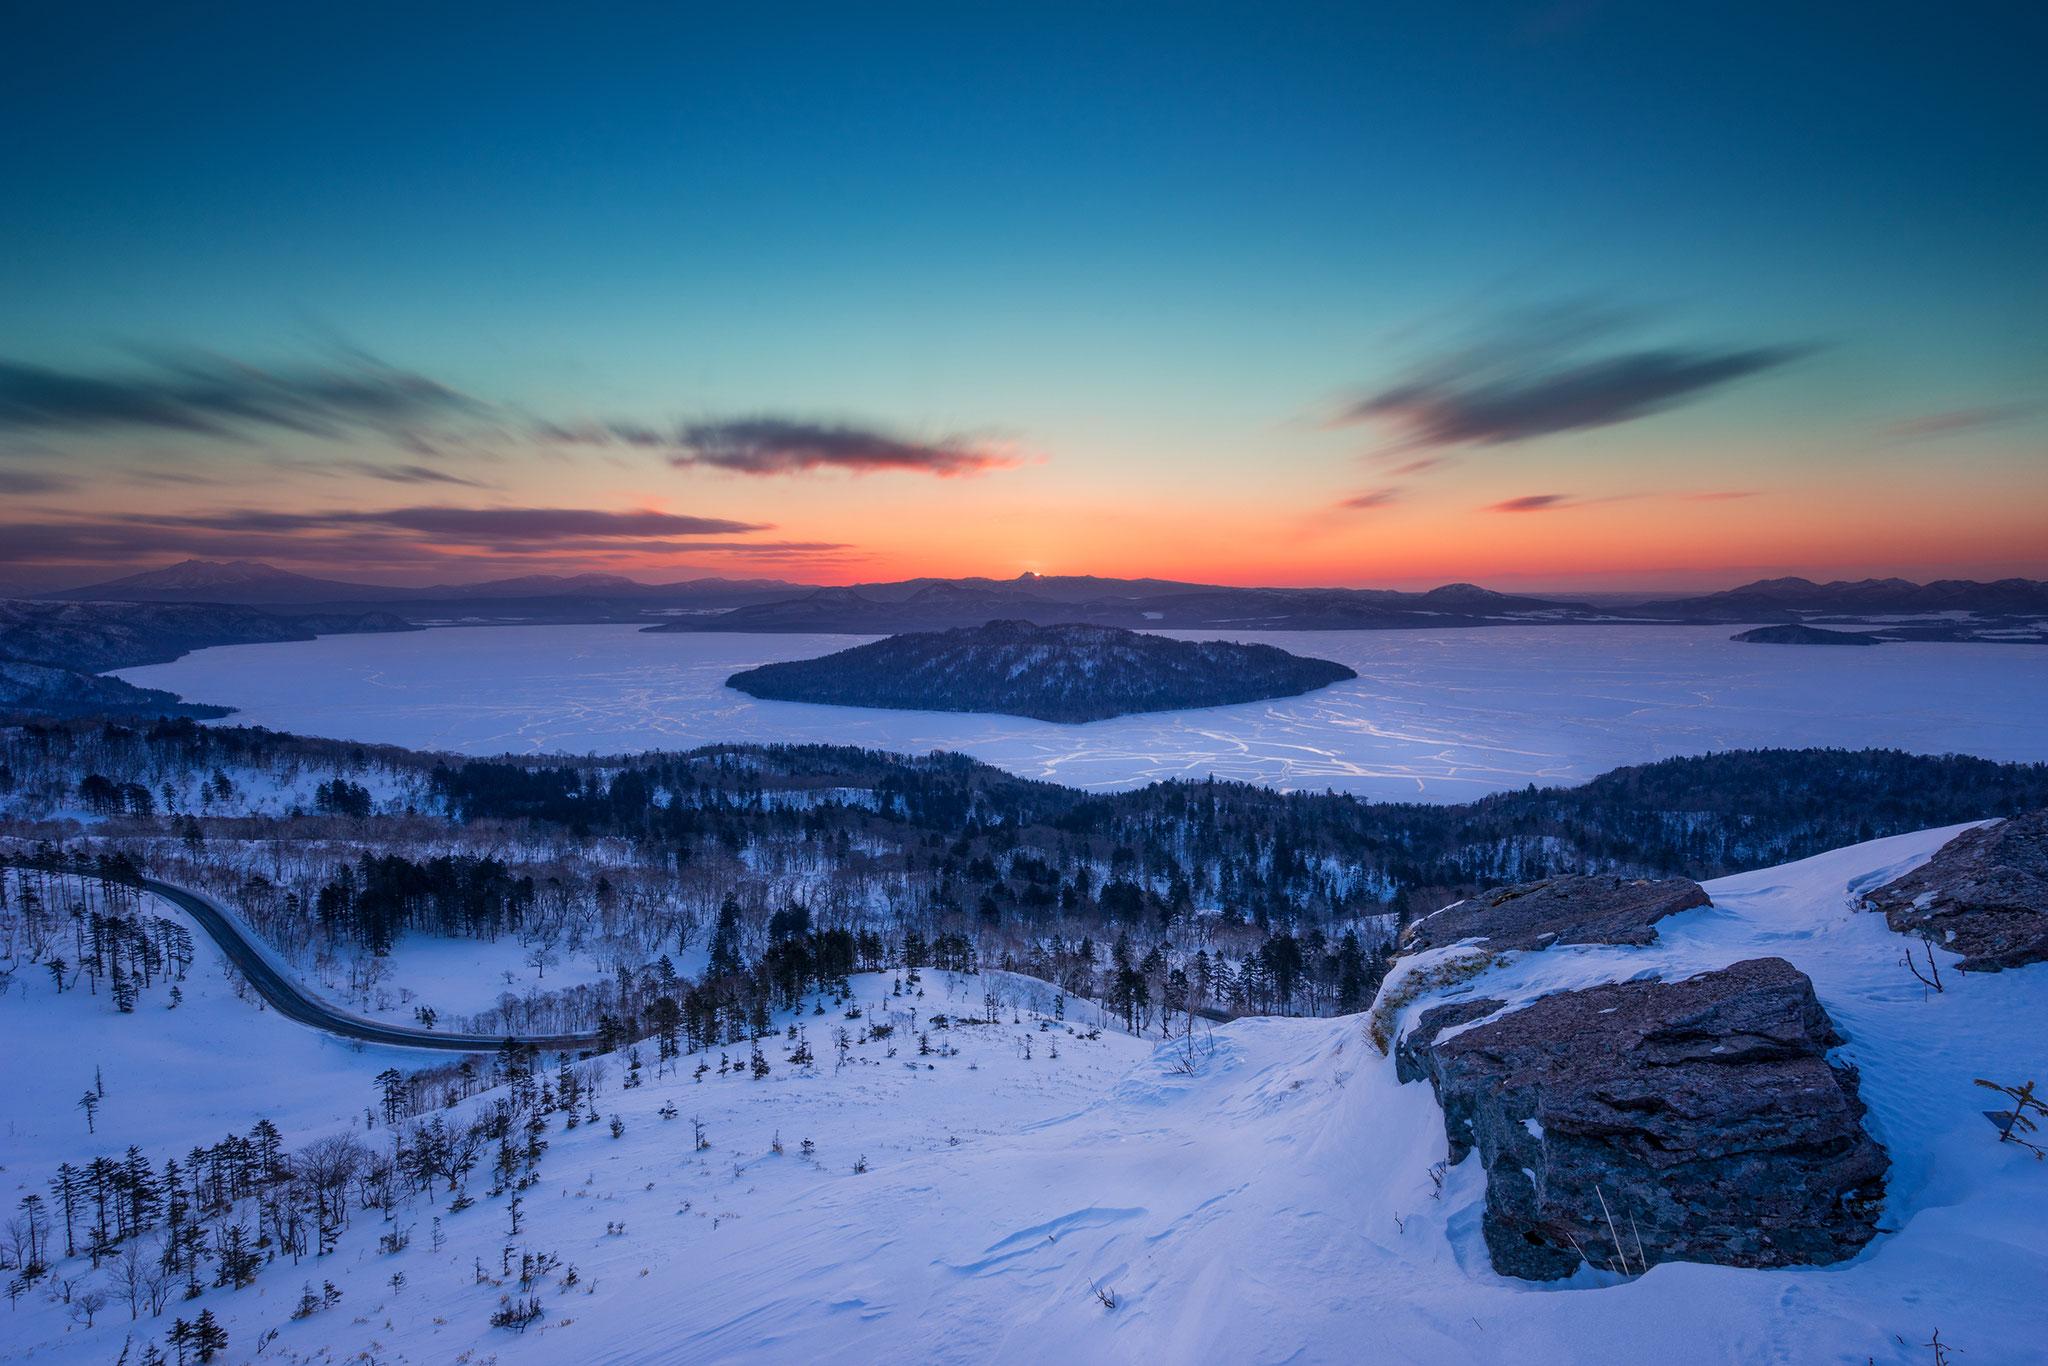 極寒の朝。夜明け前の空の色。